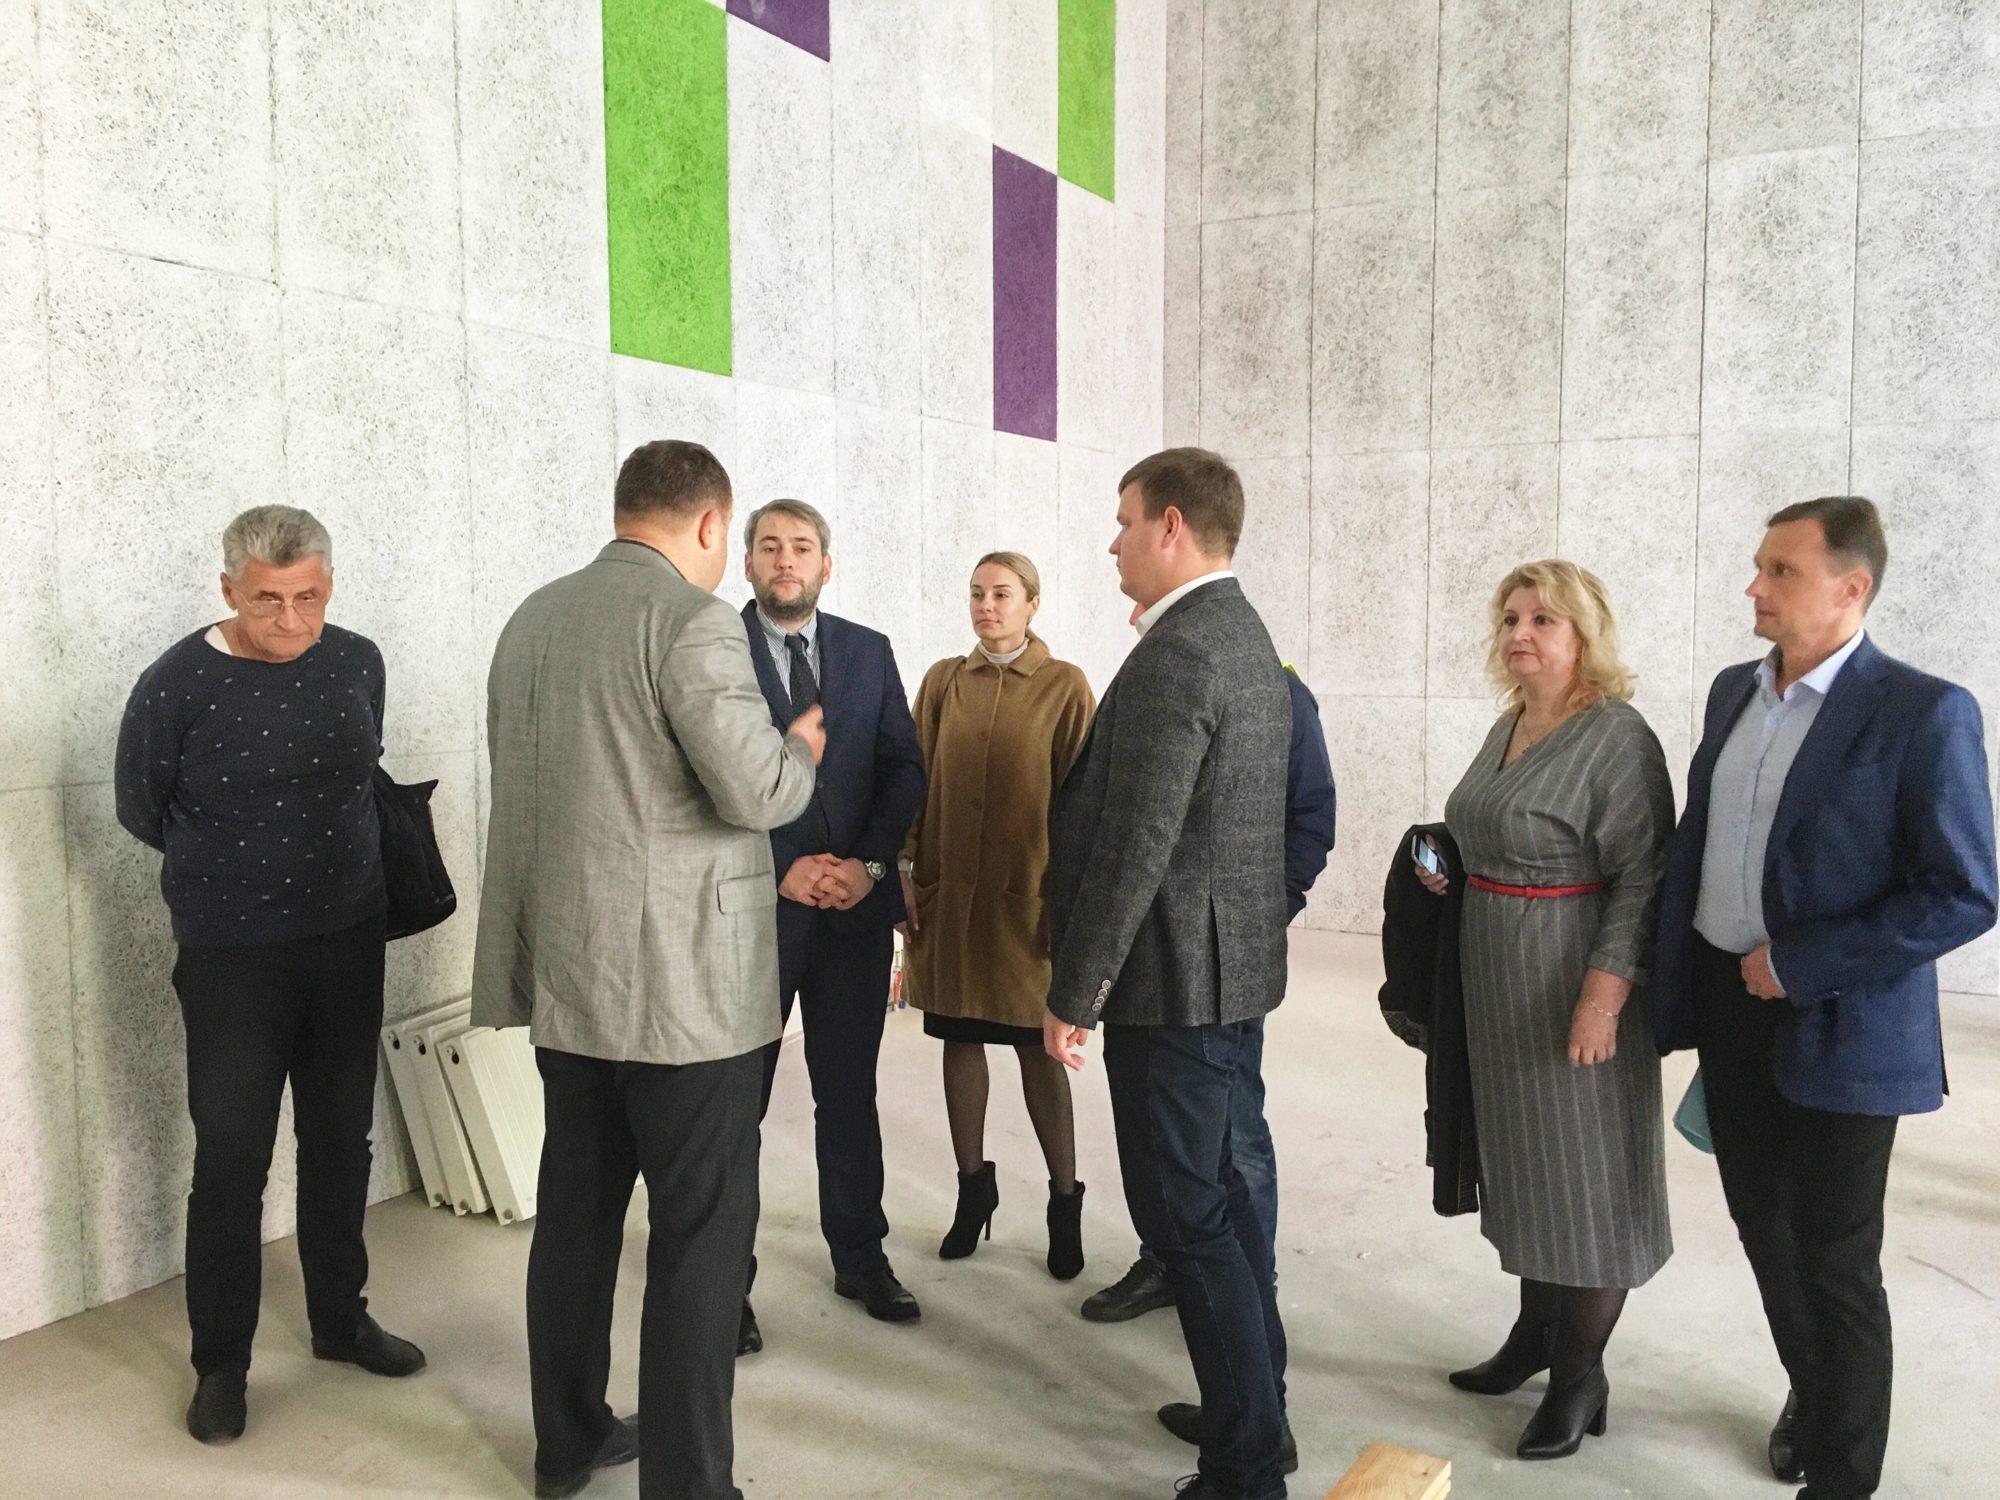 Діючий очільник Київської області Михайло Бно-Айріян сьогодні приїхав у місто Українку -  - 5E7AB977 42FB 48F5 A298 AC0660599E49 2000x1500